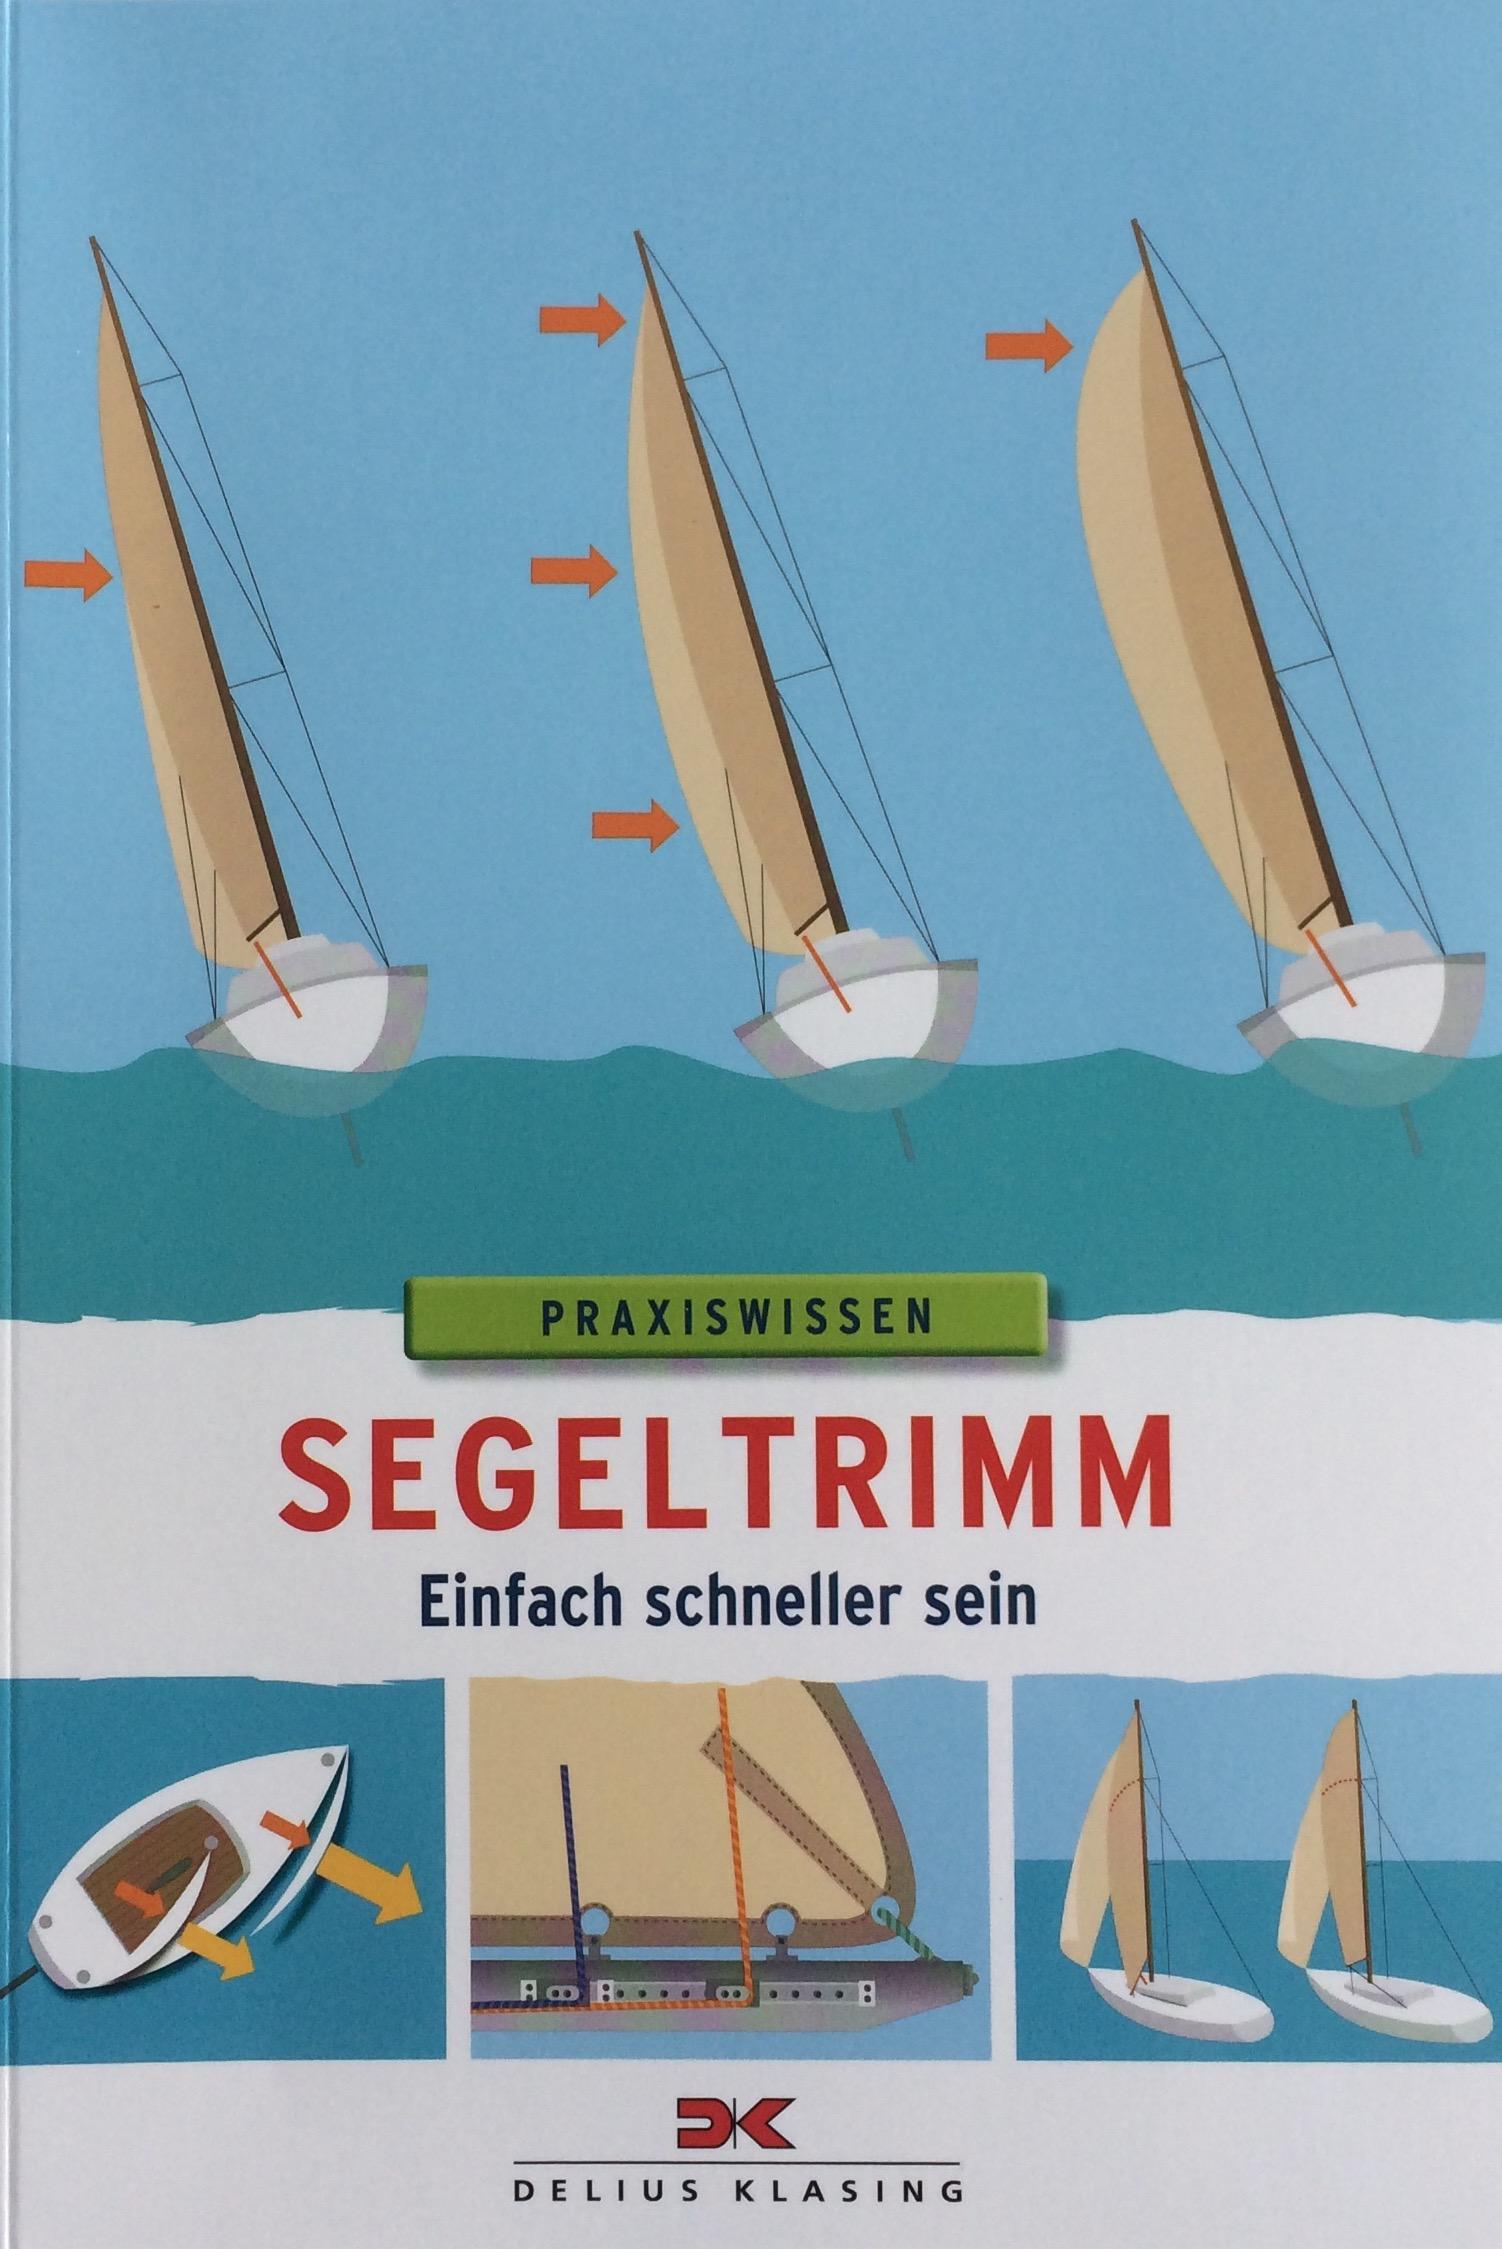 Segeltrimm - Tuning fürs Segeln - einfach schneller segeln